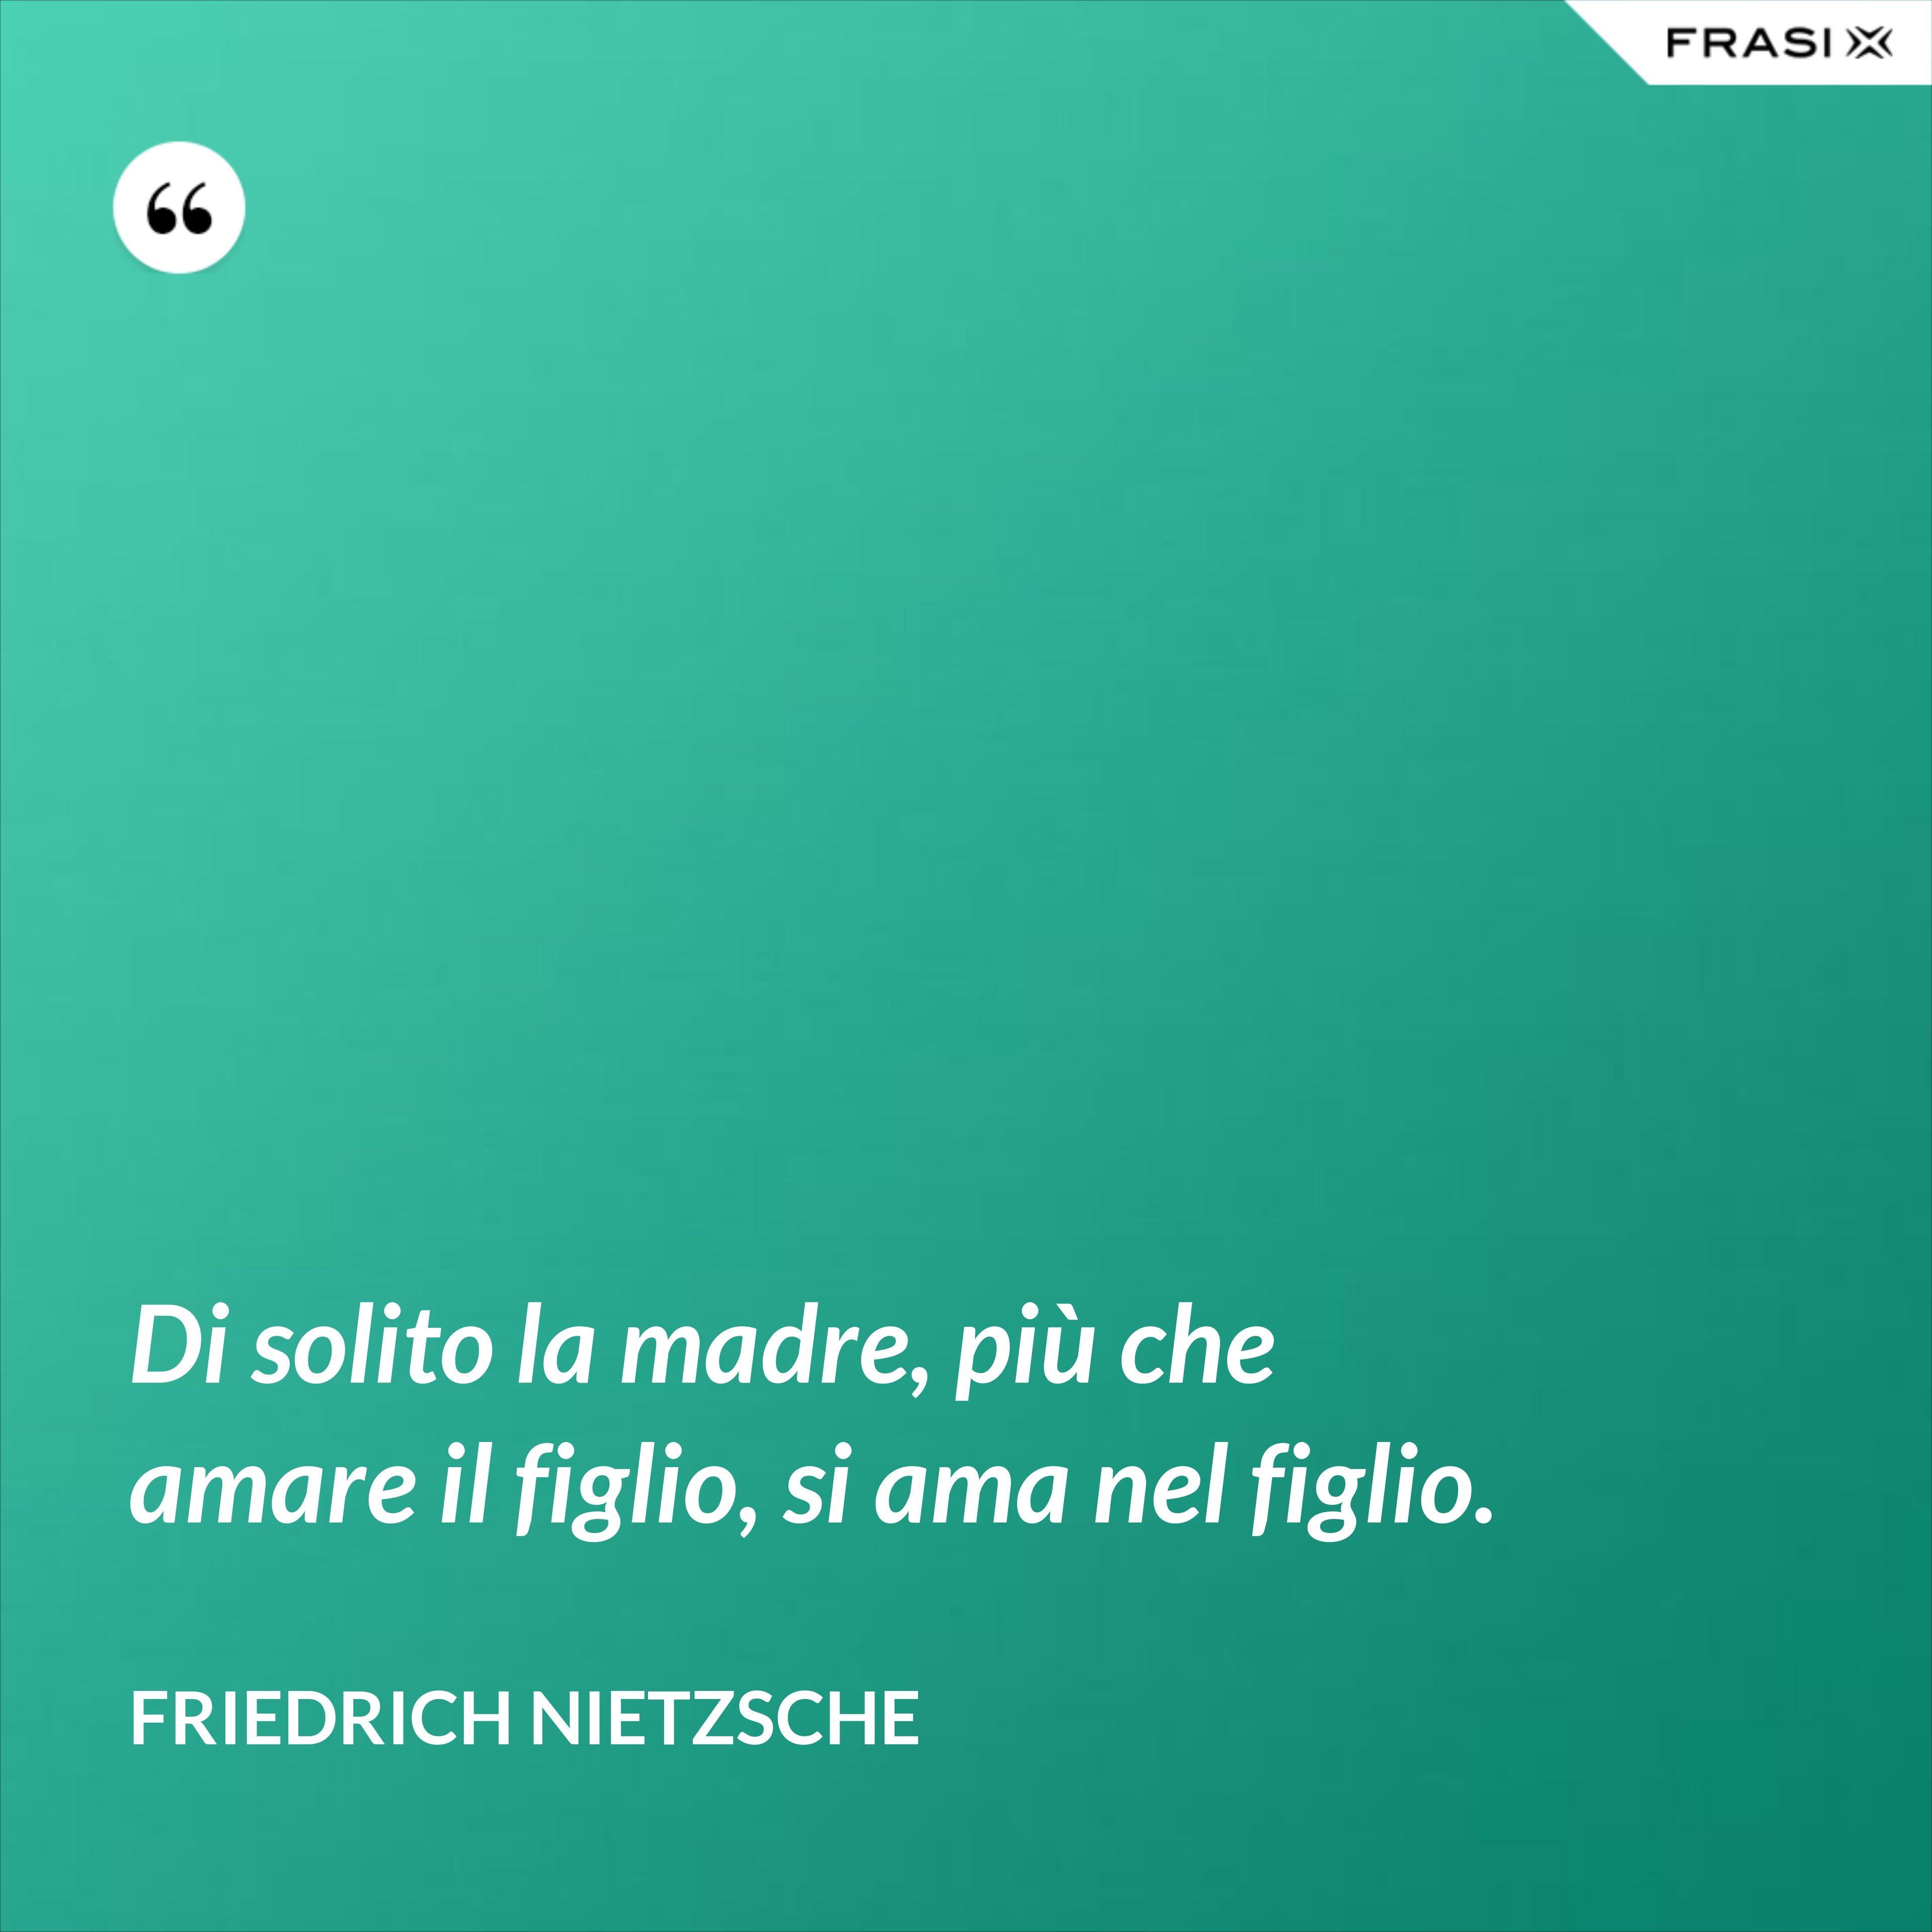 Di solito la madre, più che amare il figlio, si ama nel figlio. - Friedrich Nietzsche